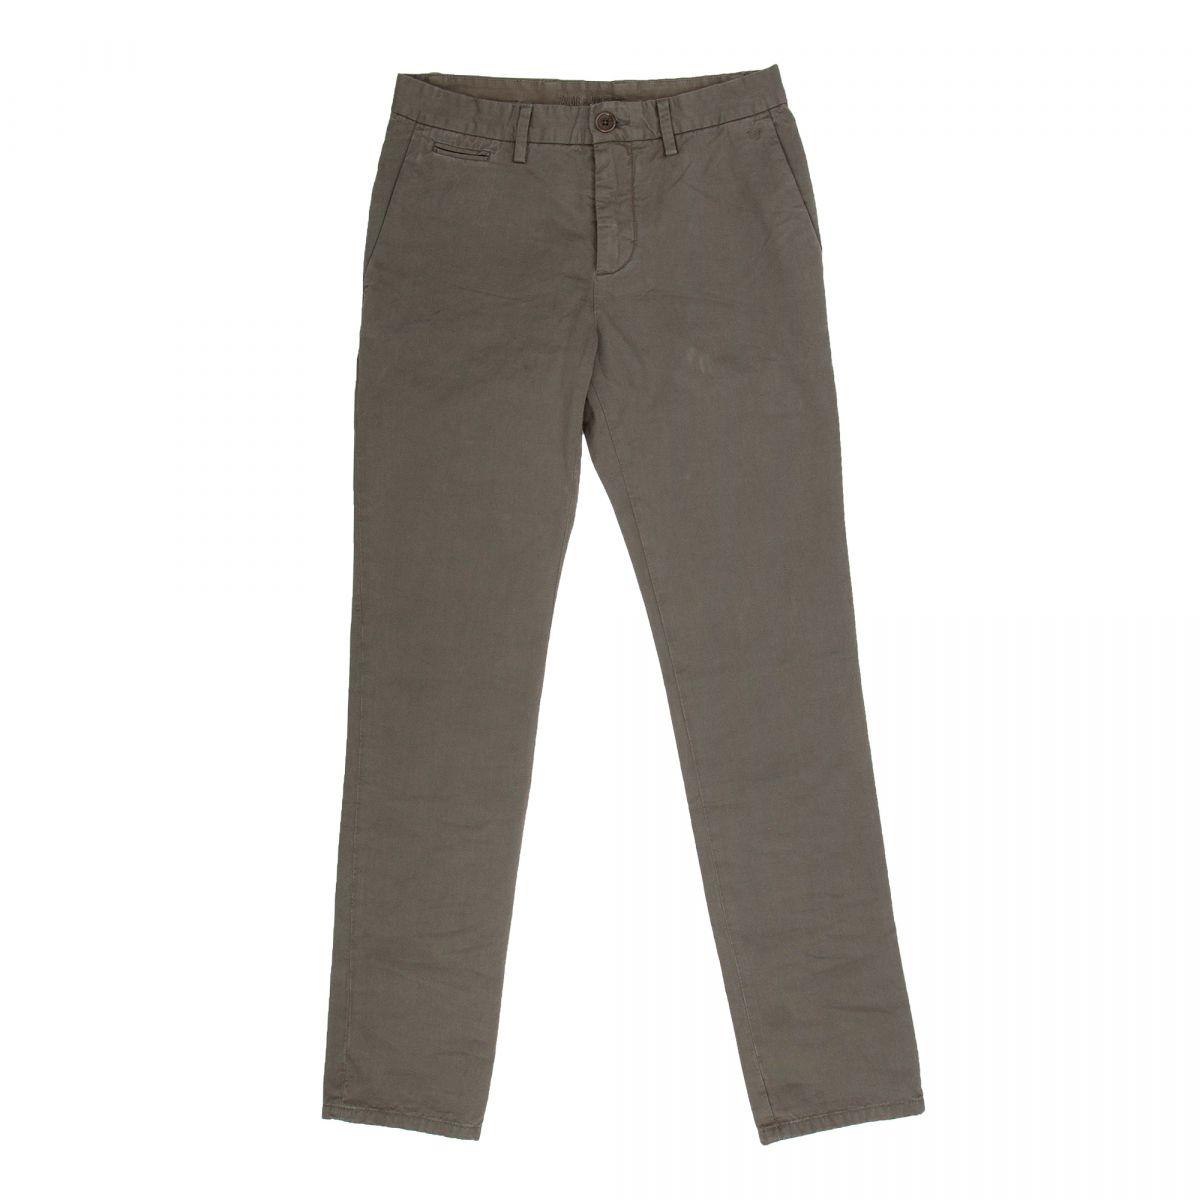 pantalon homme zadig et voltaire